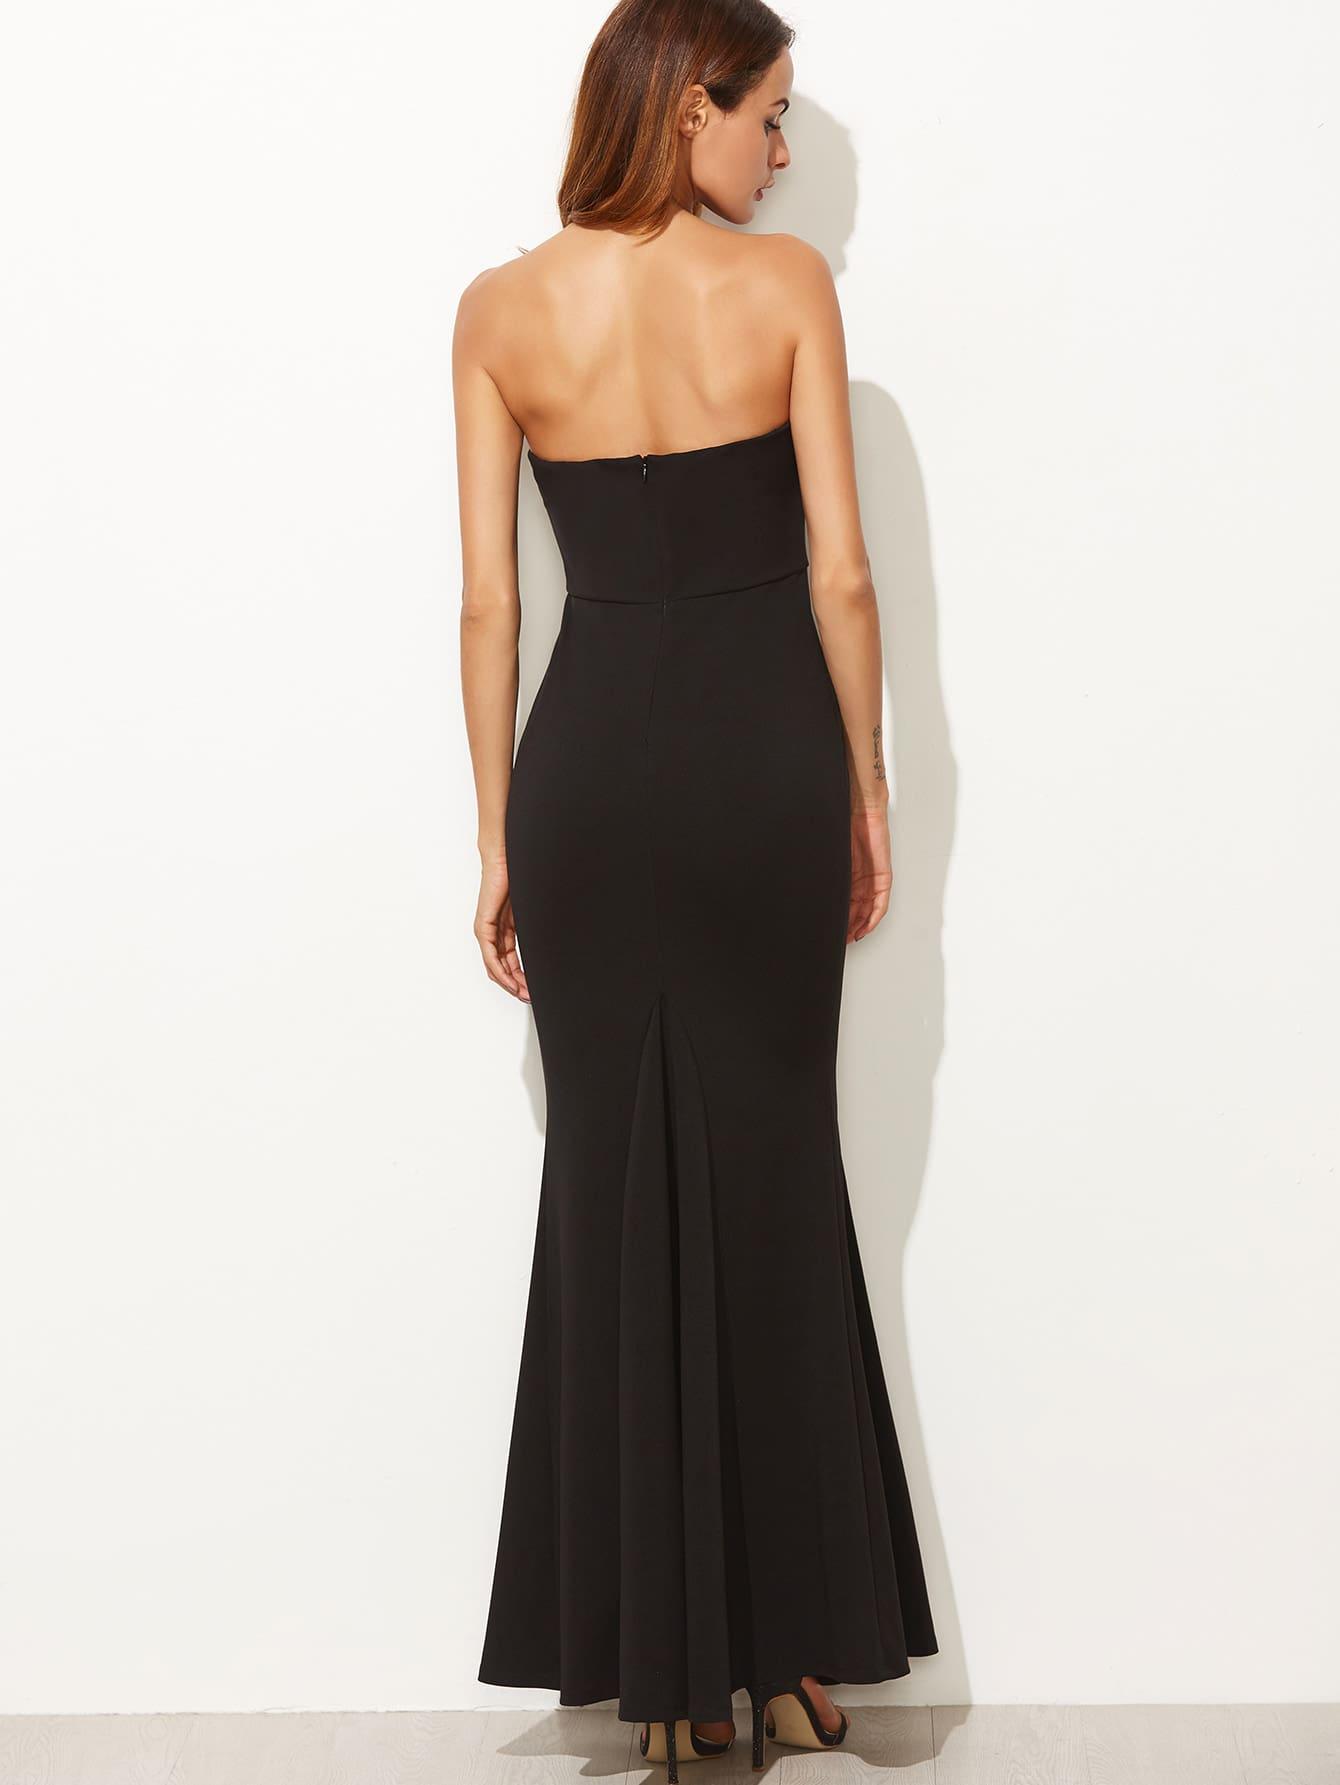 dress161101705_2